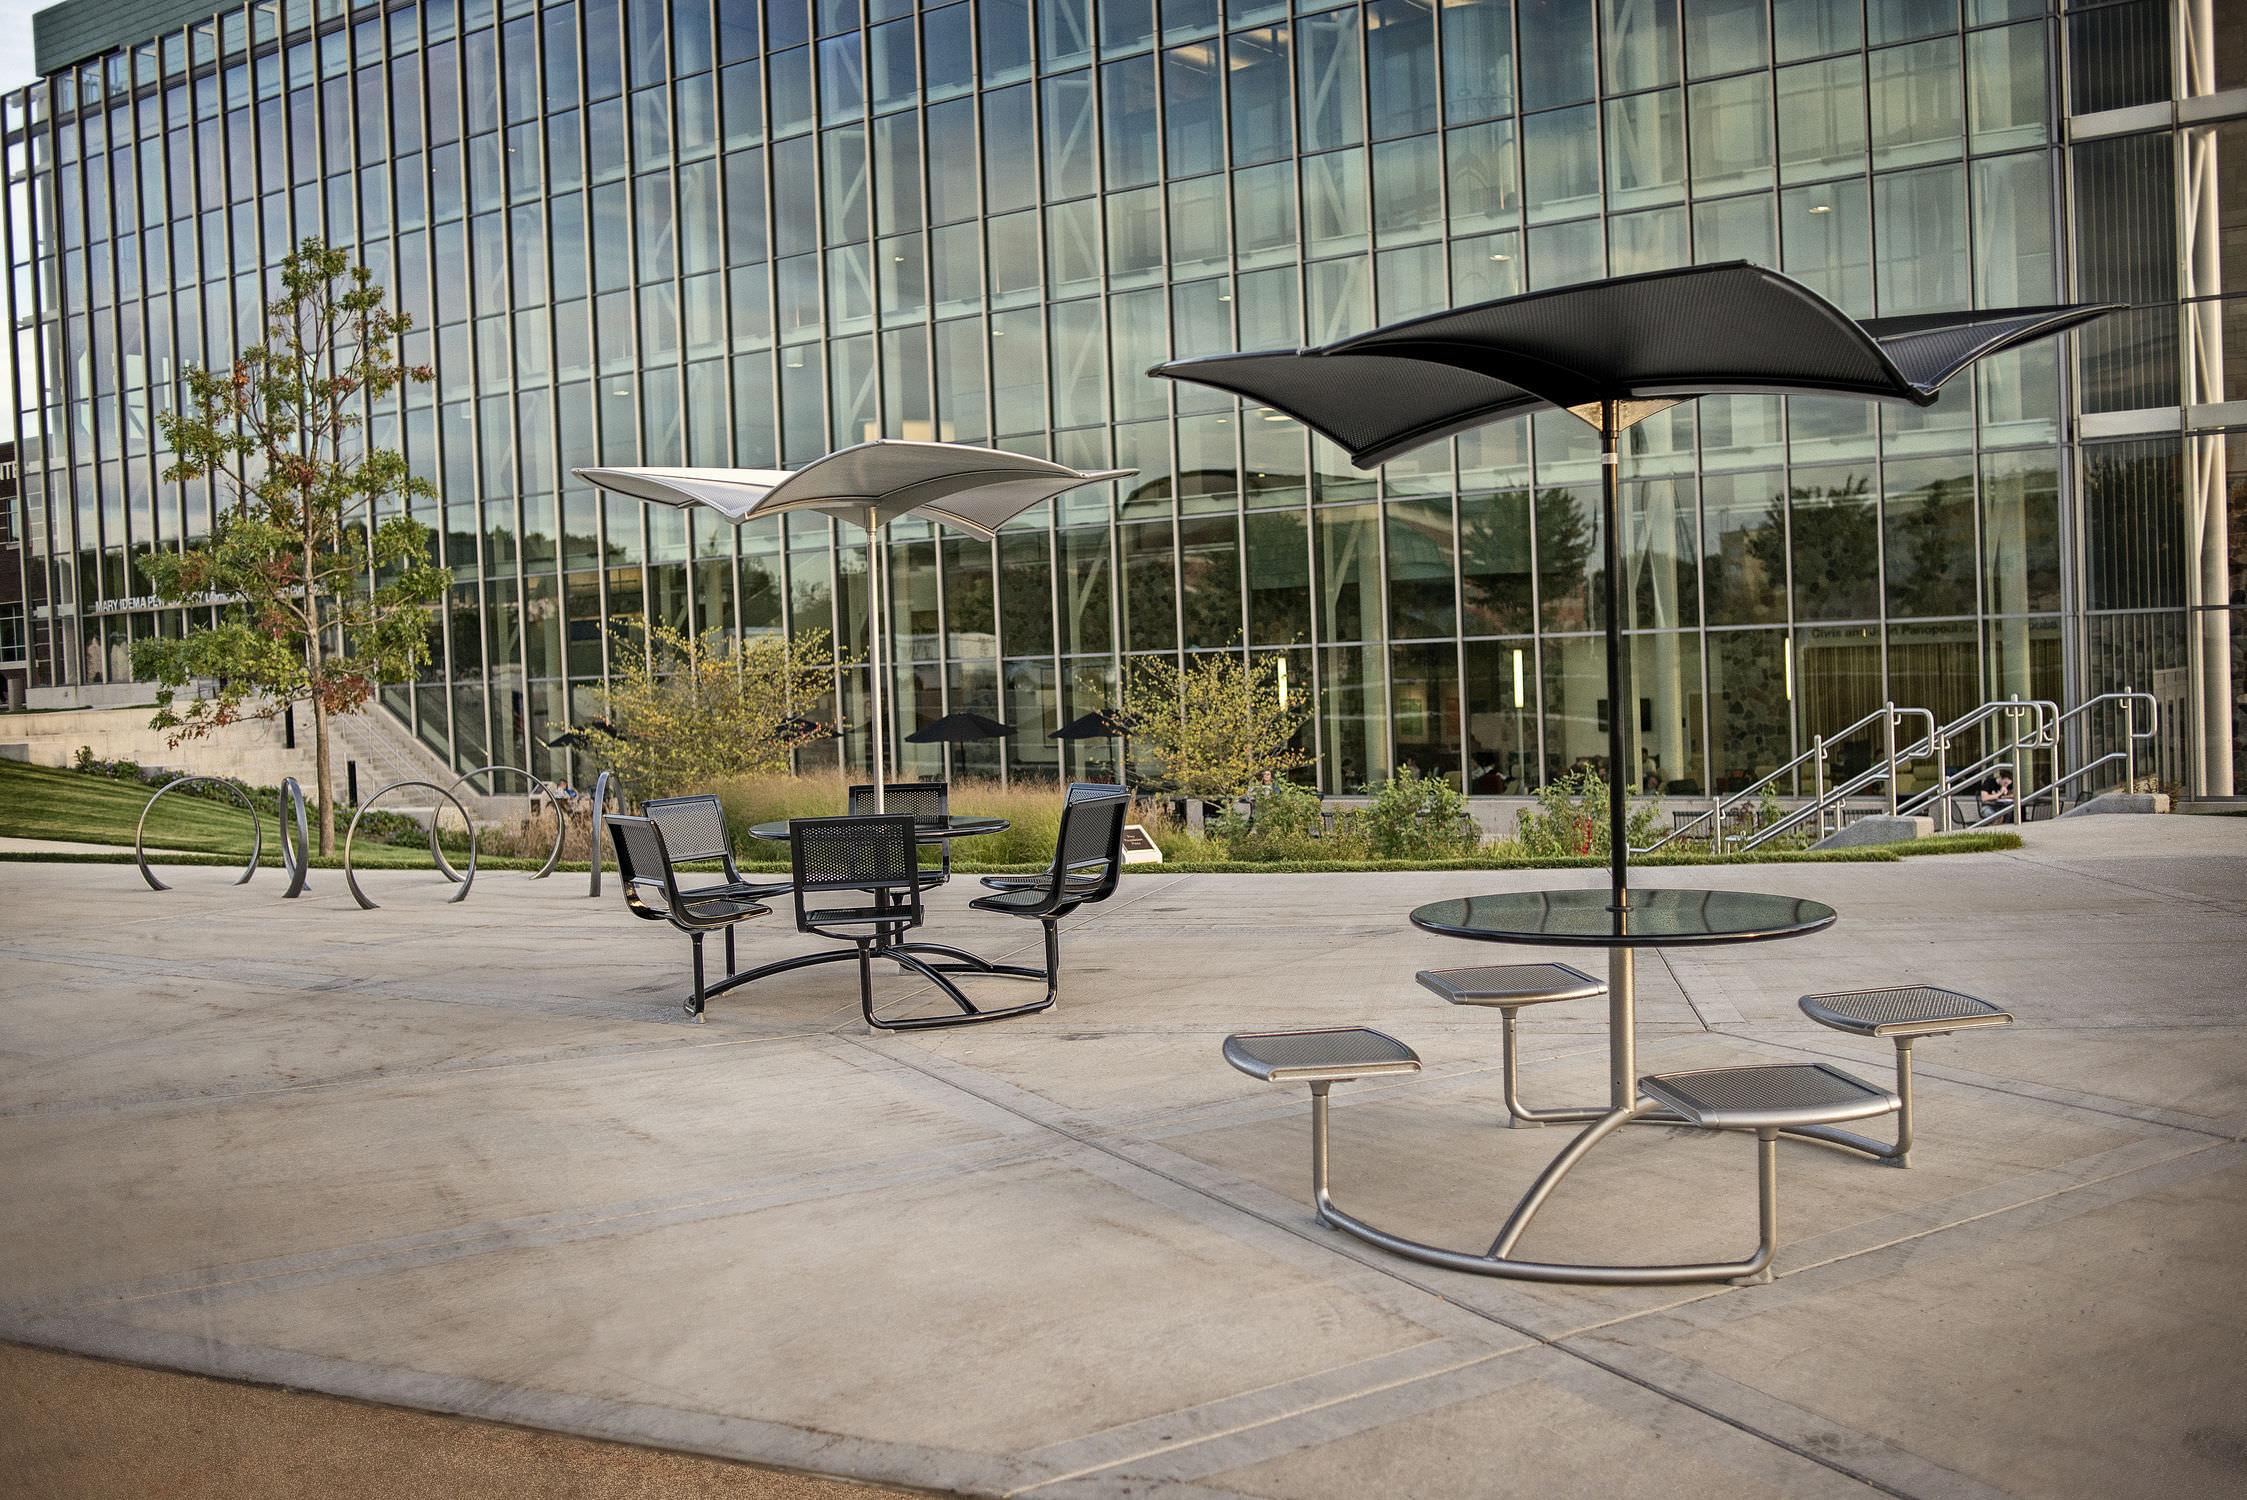 ... Commercial Patio Umbrella / Metal 35 : SHADE By Frog Landscapeforms ...